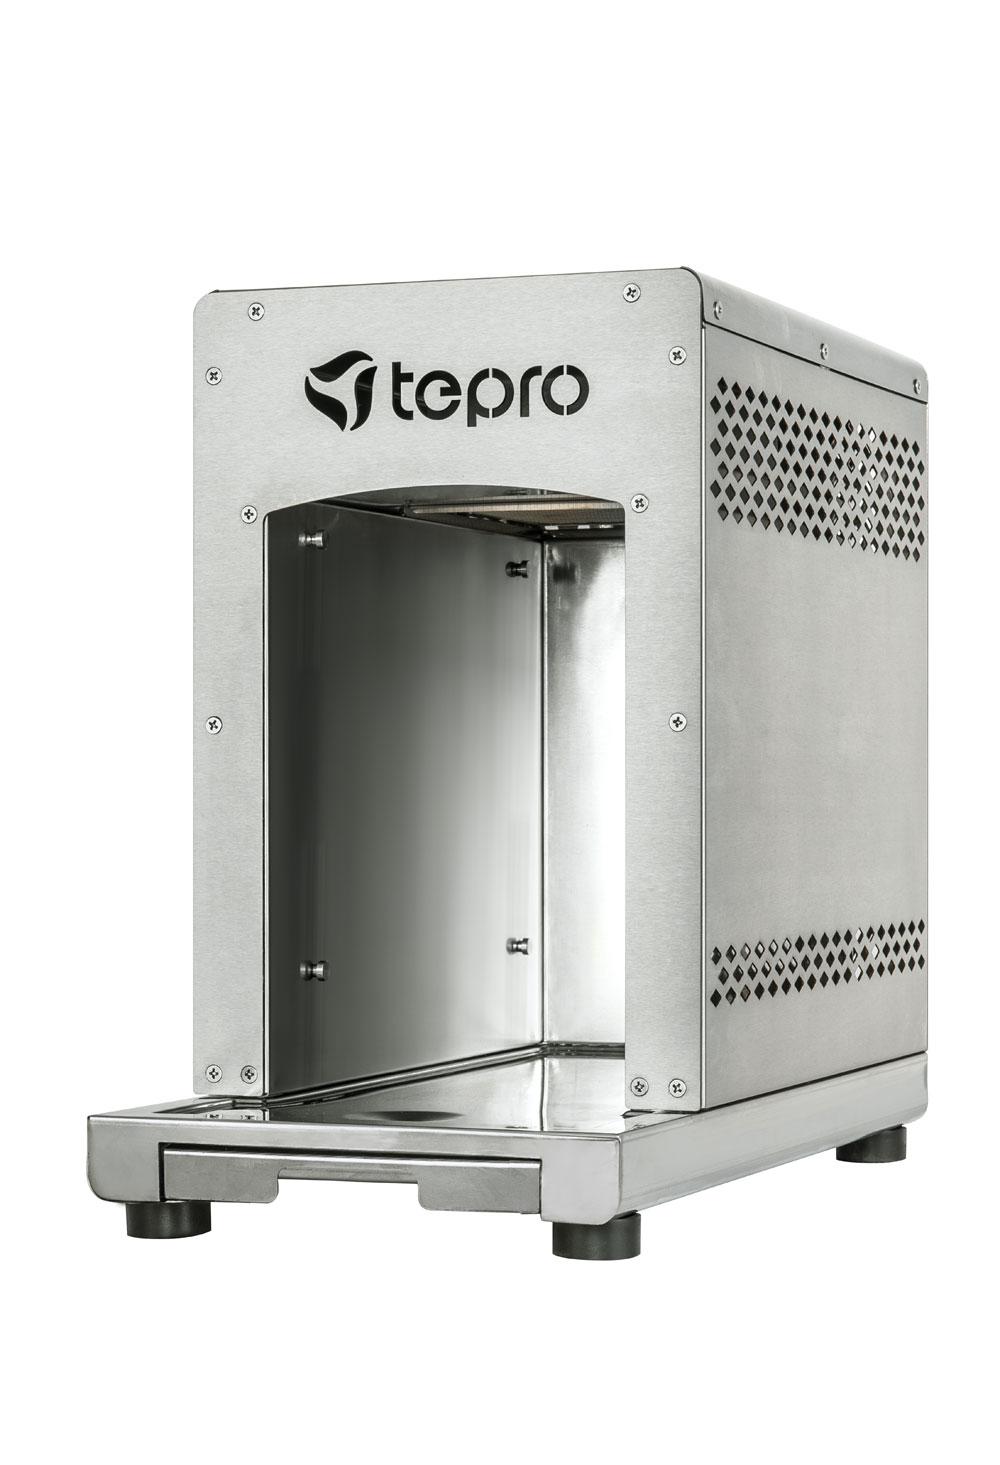 Tepro Steakgrill / Oberhitze Gasgrill / Tischgrill Toronto 31,5x15,4cm Bild 4